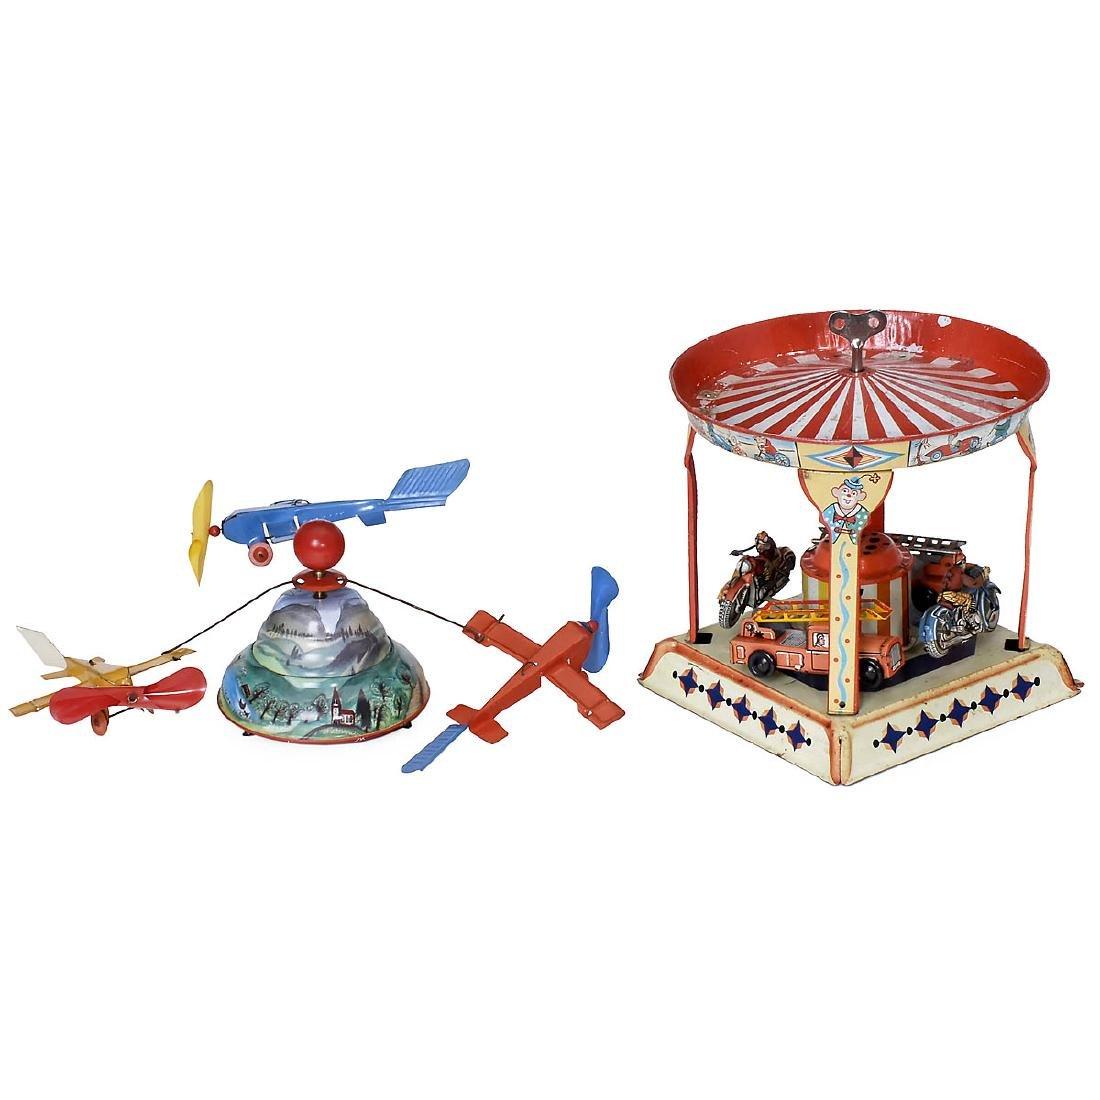 2 Tin Fairground Toys, 1950s